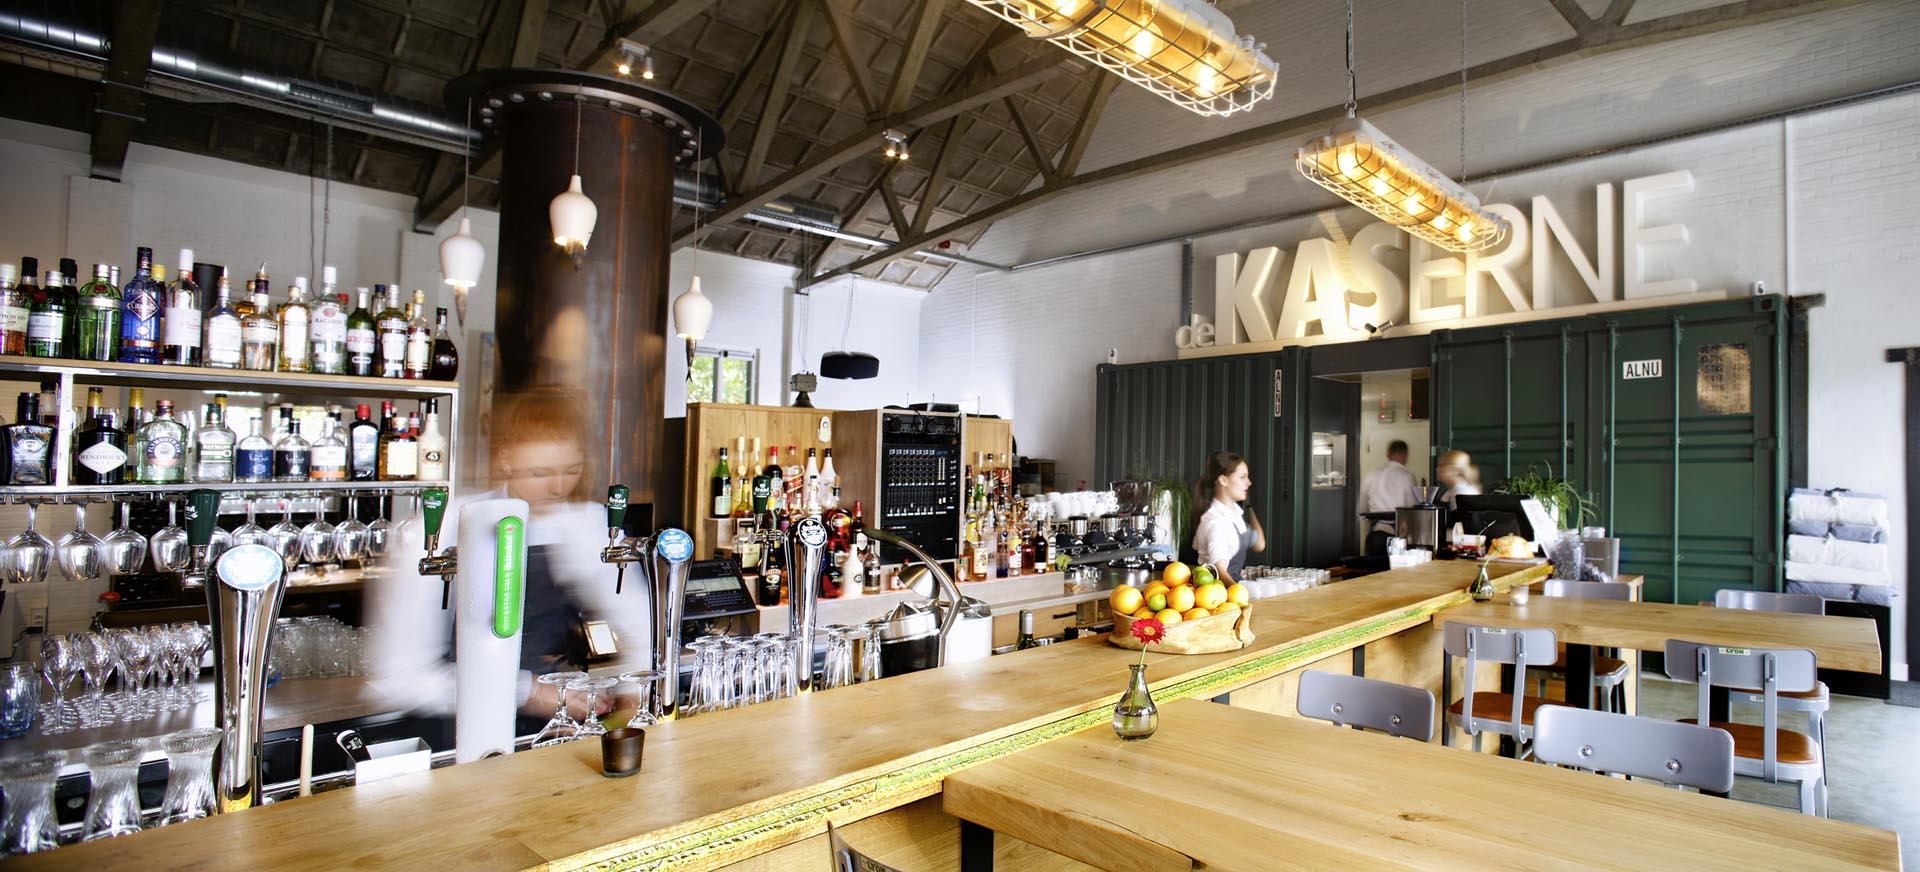 2 interieur restaurant De Kaserne in Den Bosch met zicht op bar restaurantkeuken verlichting barkrukken